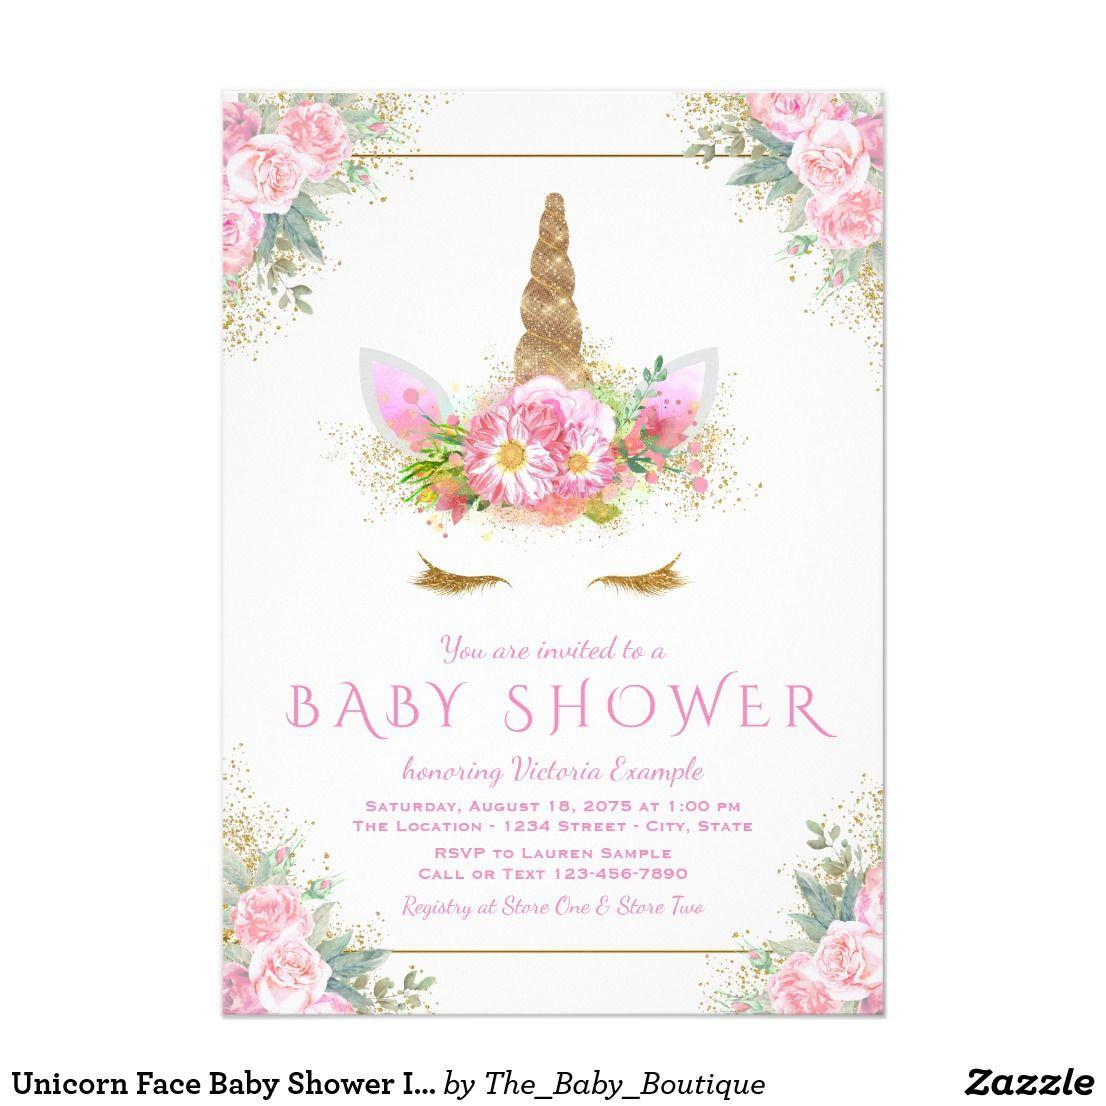 Unicorn Face Baby Shower Invitation | Girl Baby Shower | Pinterest ...